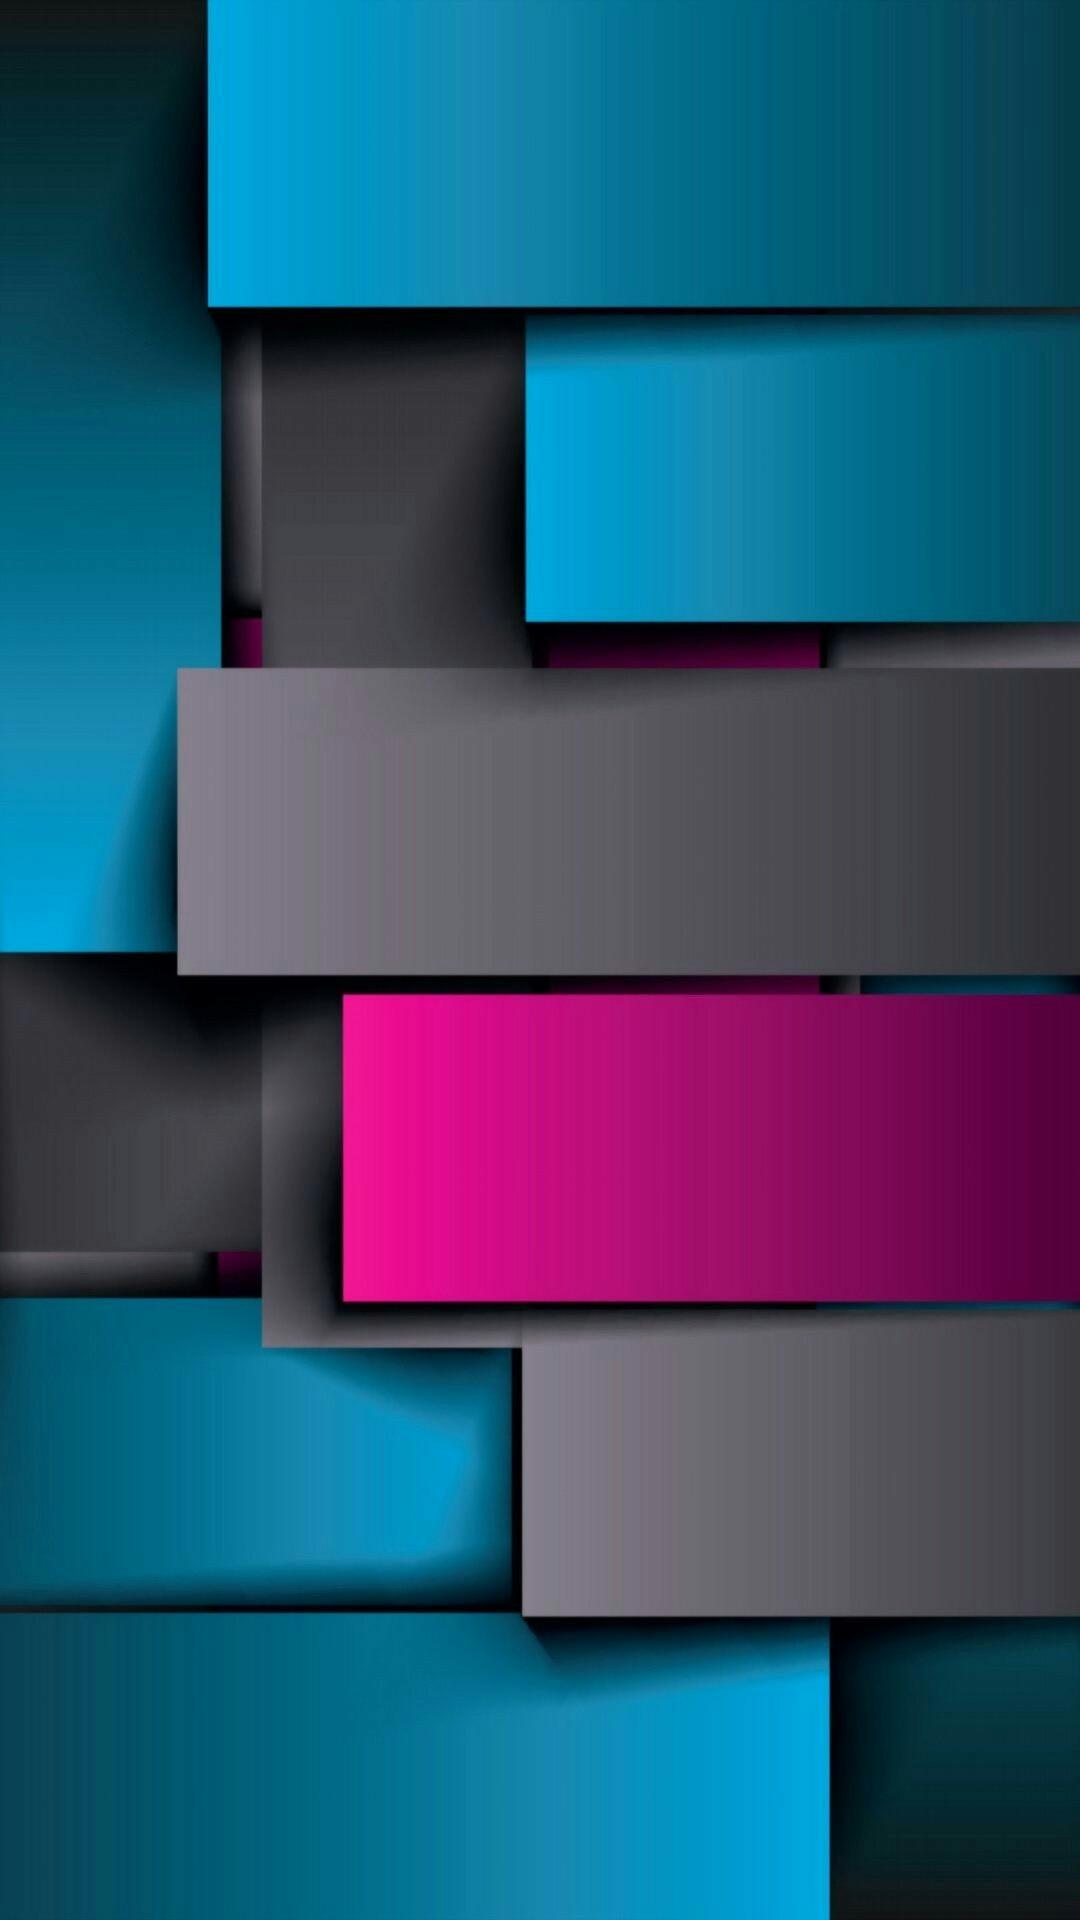 iphone 8 wallpaper 7 - Tải miễn phí 18 hình nền Darkmode đẹp cho iOS và Android ngày 18.9